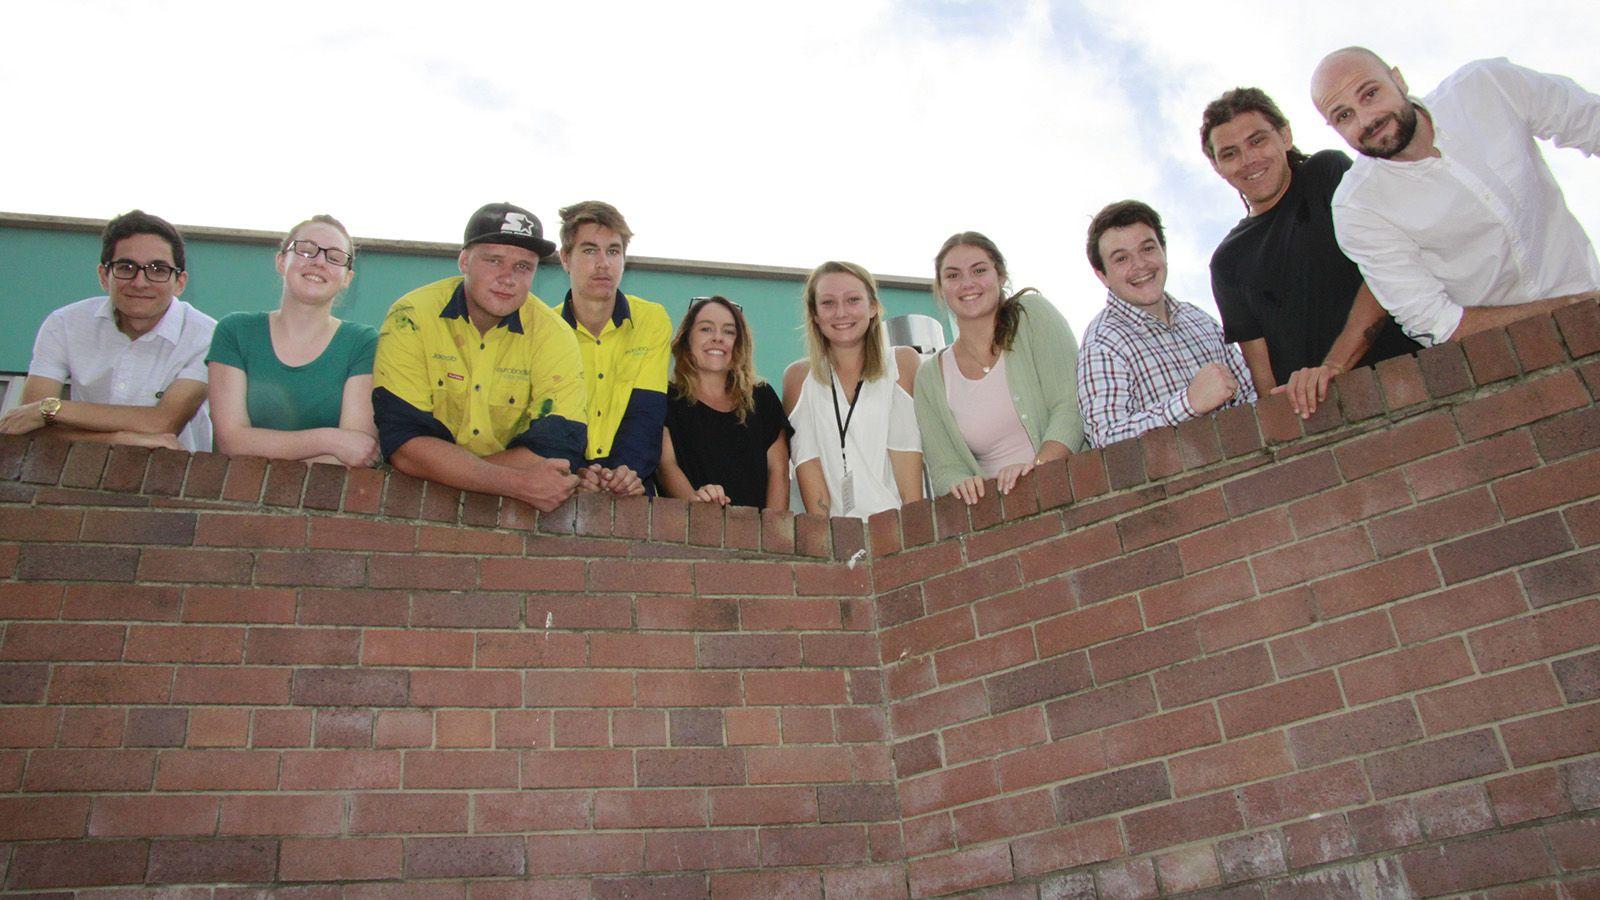 Ten Eurobodalla Council trainees looking over a brick wall banner image